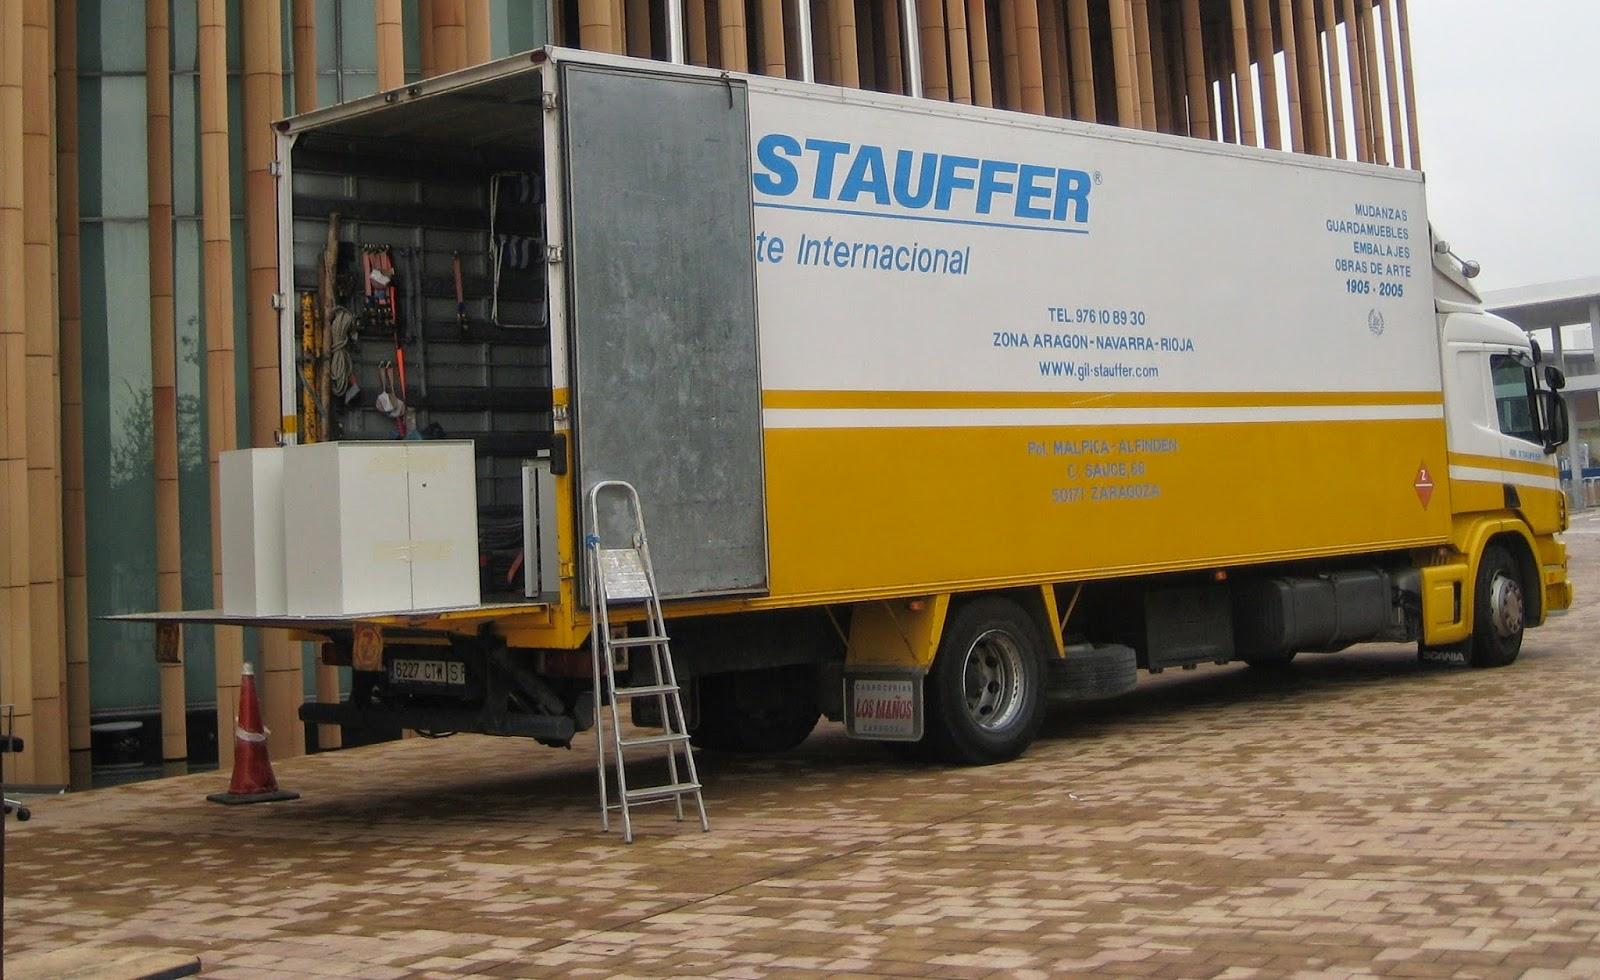 gil stauffer malaga: